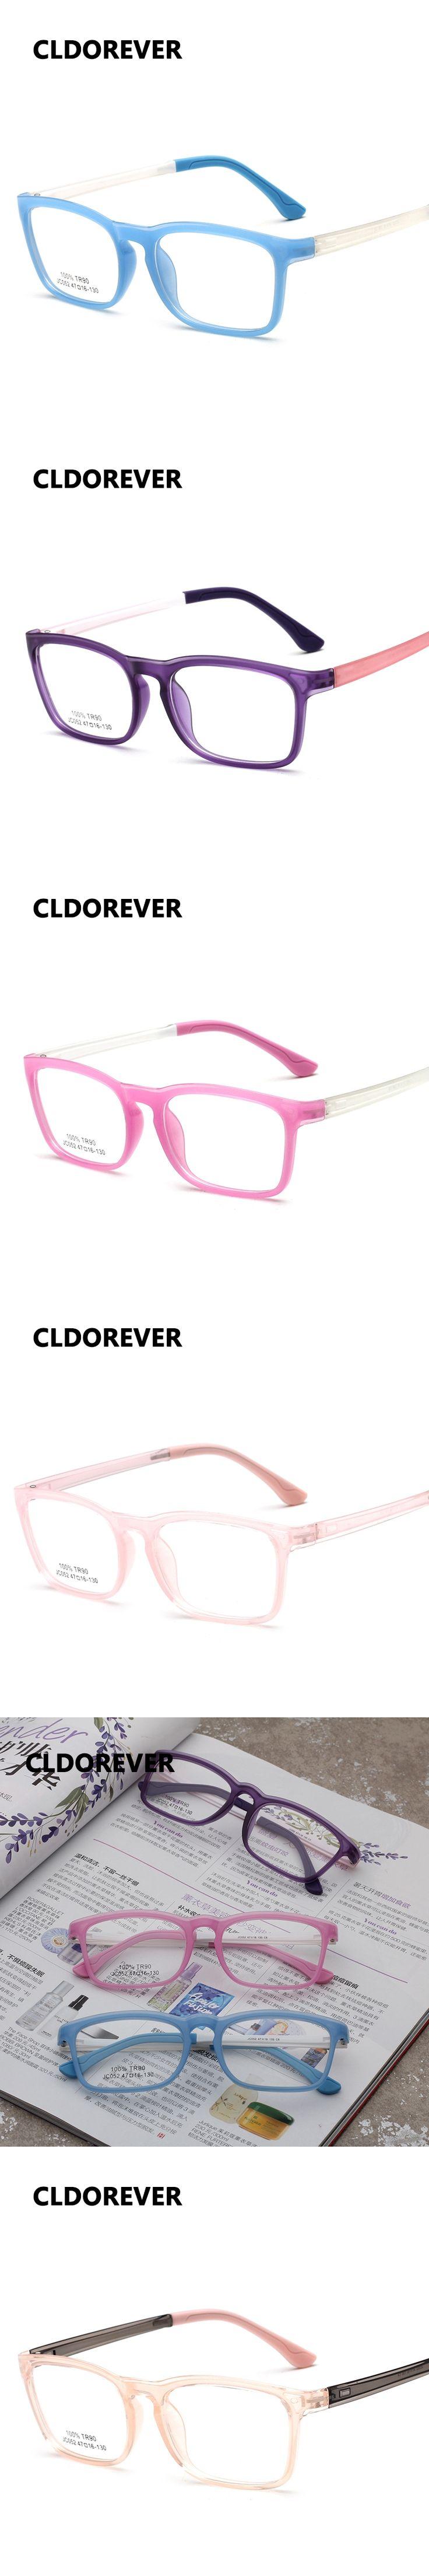 Fashion 2017 TR90 Children Optical Glasses Frame Ultralight Kids Eyeglasses Square Eyeglass Frames Boys Girls Transparent Glass